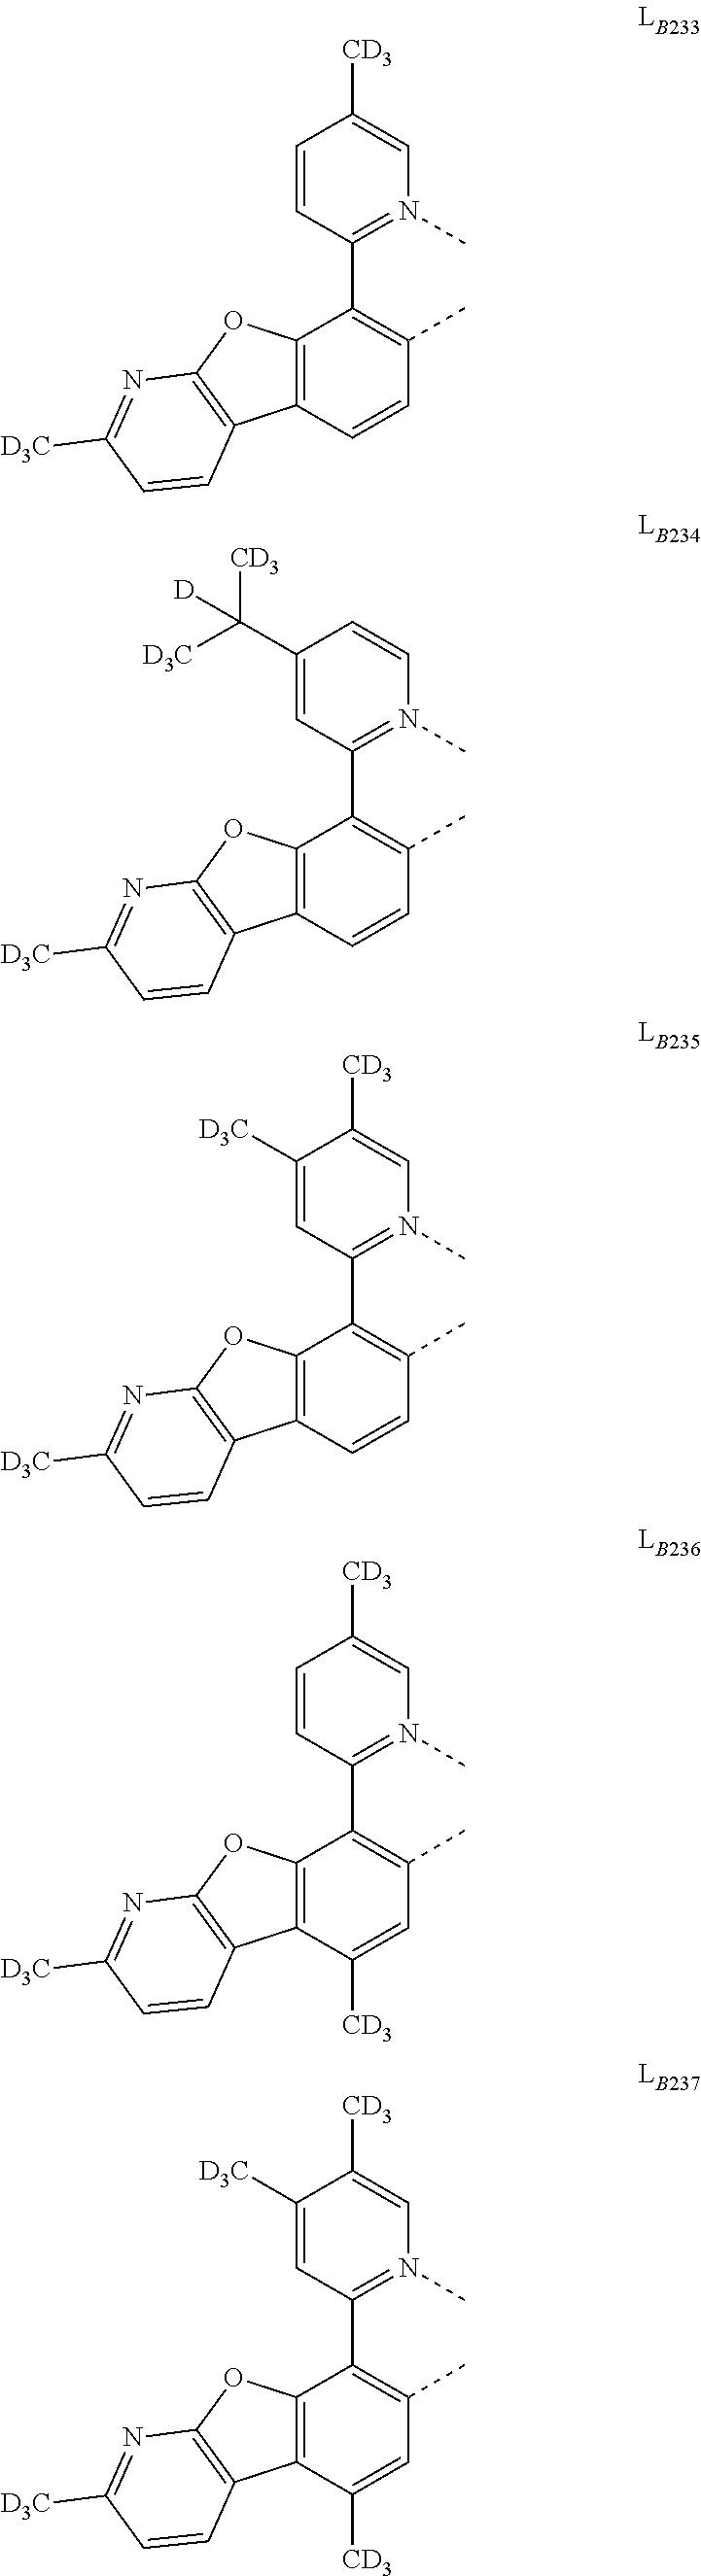 Figure US20180130962A1-20180510-C00113